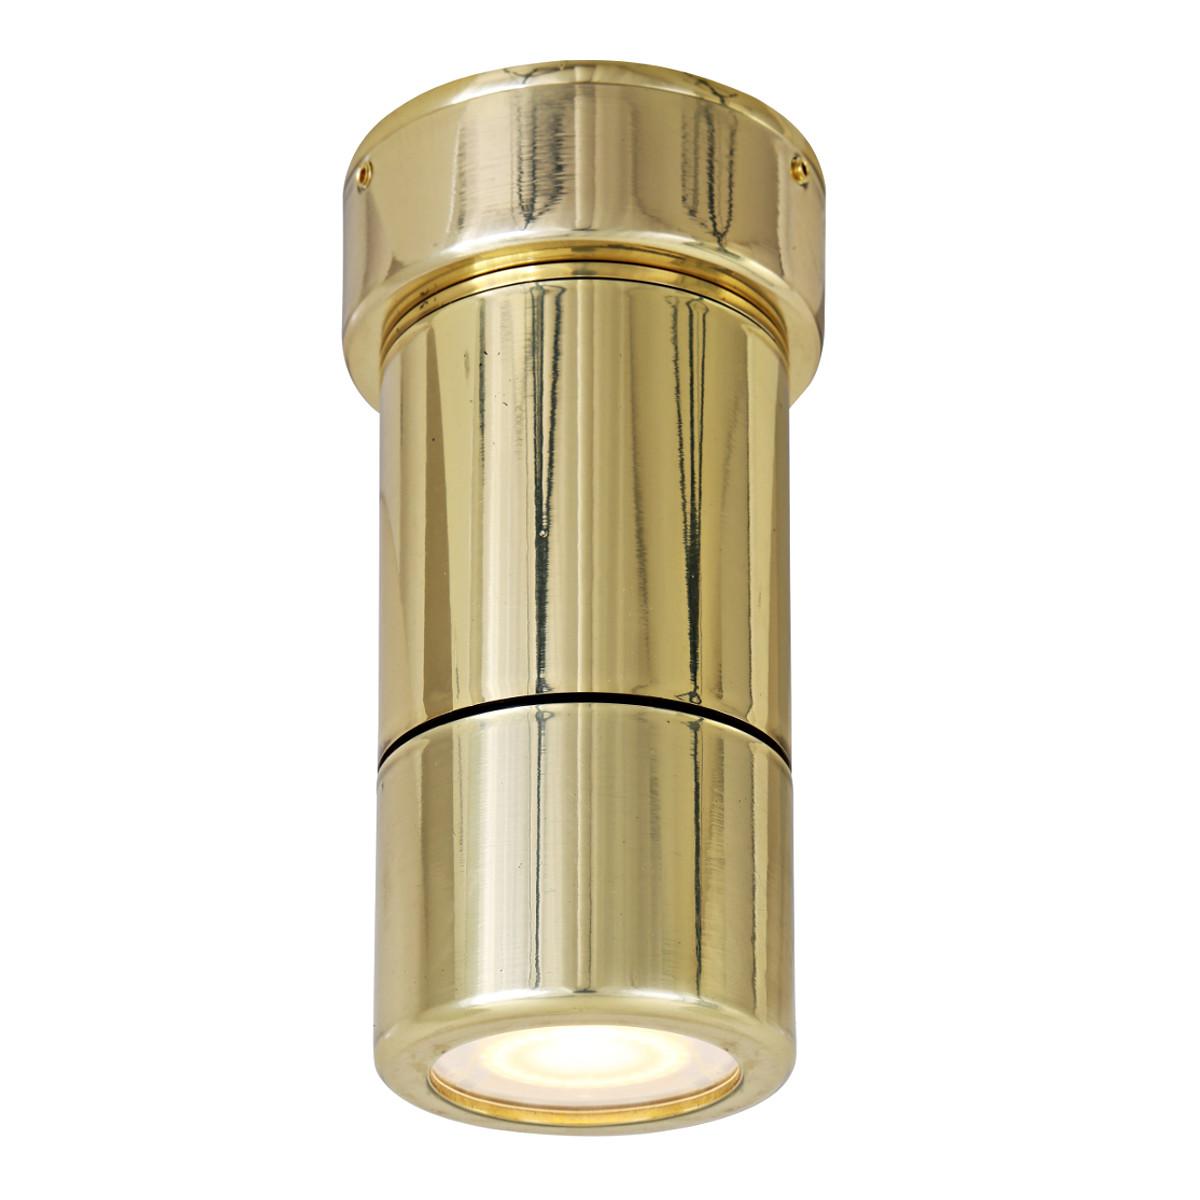 Badezimmer-Deckenstrahler CLARE aus Messing, IP65 - Casa Lumi